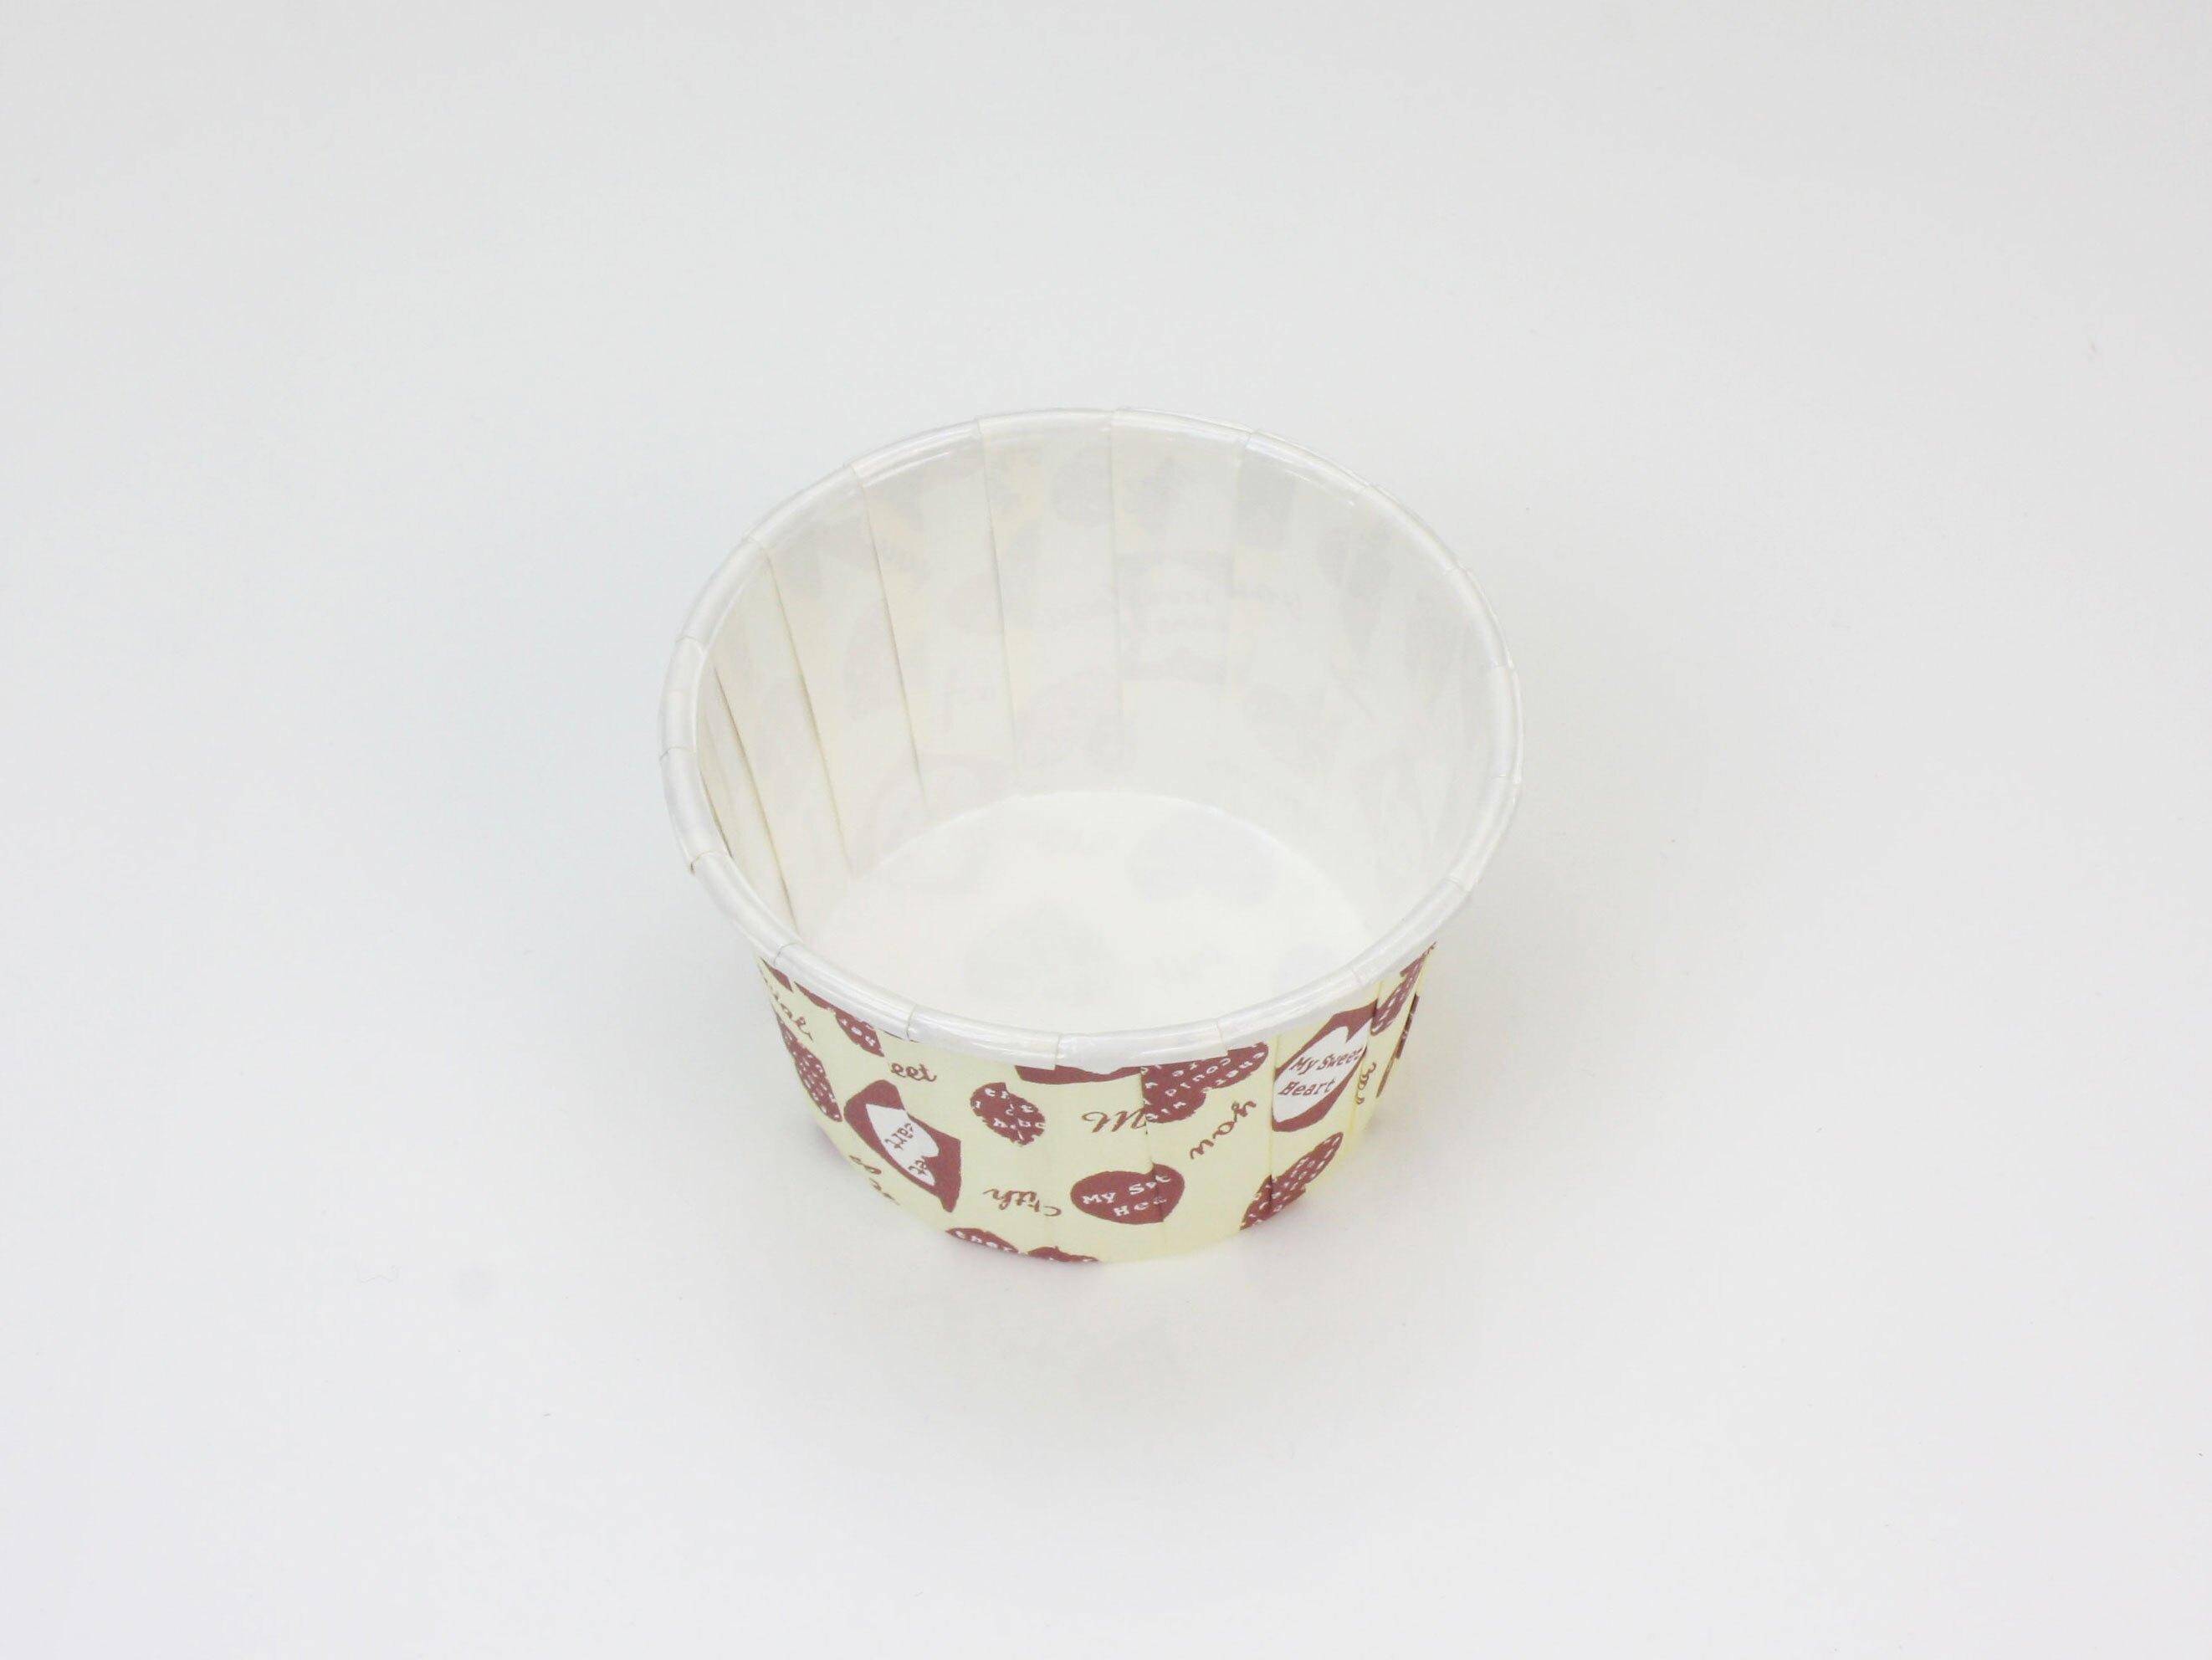 瑪芬杯、杯子蛋糕、捲口杯 PET4435-14 米底愛心(100pcs/包)